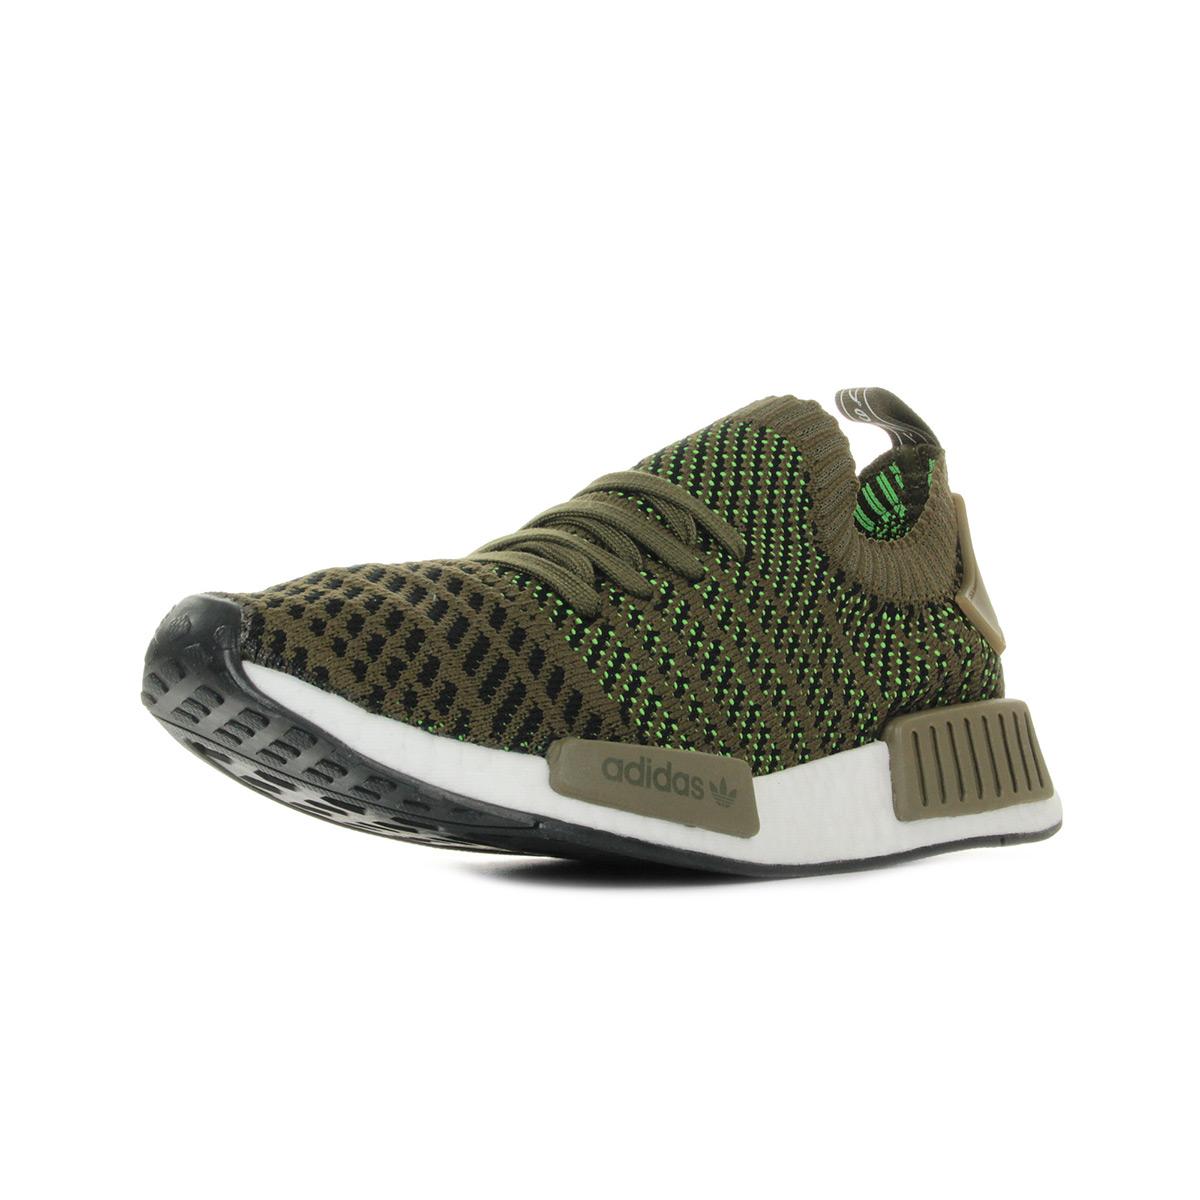 Détails sur Chaussures Baskets adidas homme Nmd R1 Stlt Pk taille Marron Textile Lacets